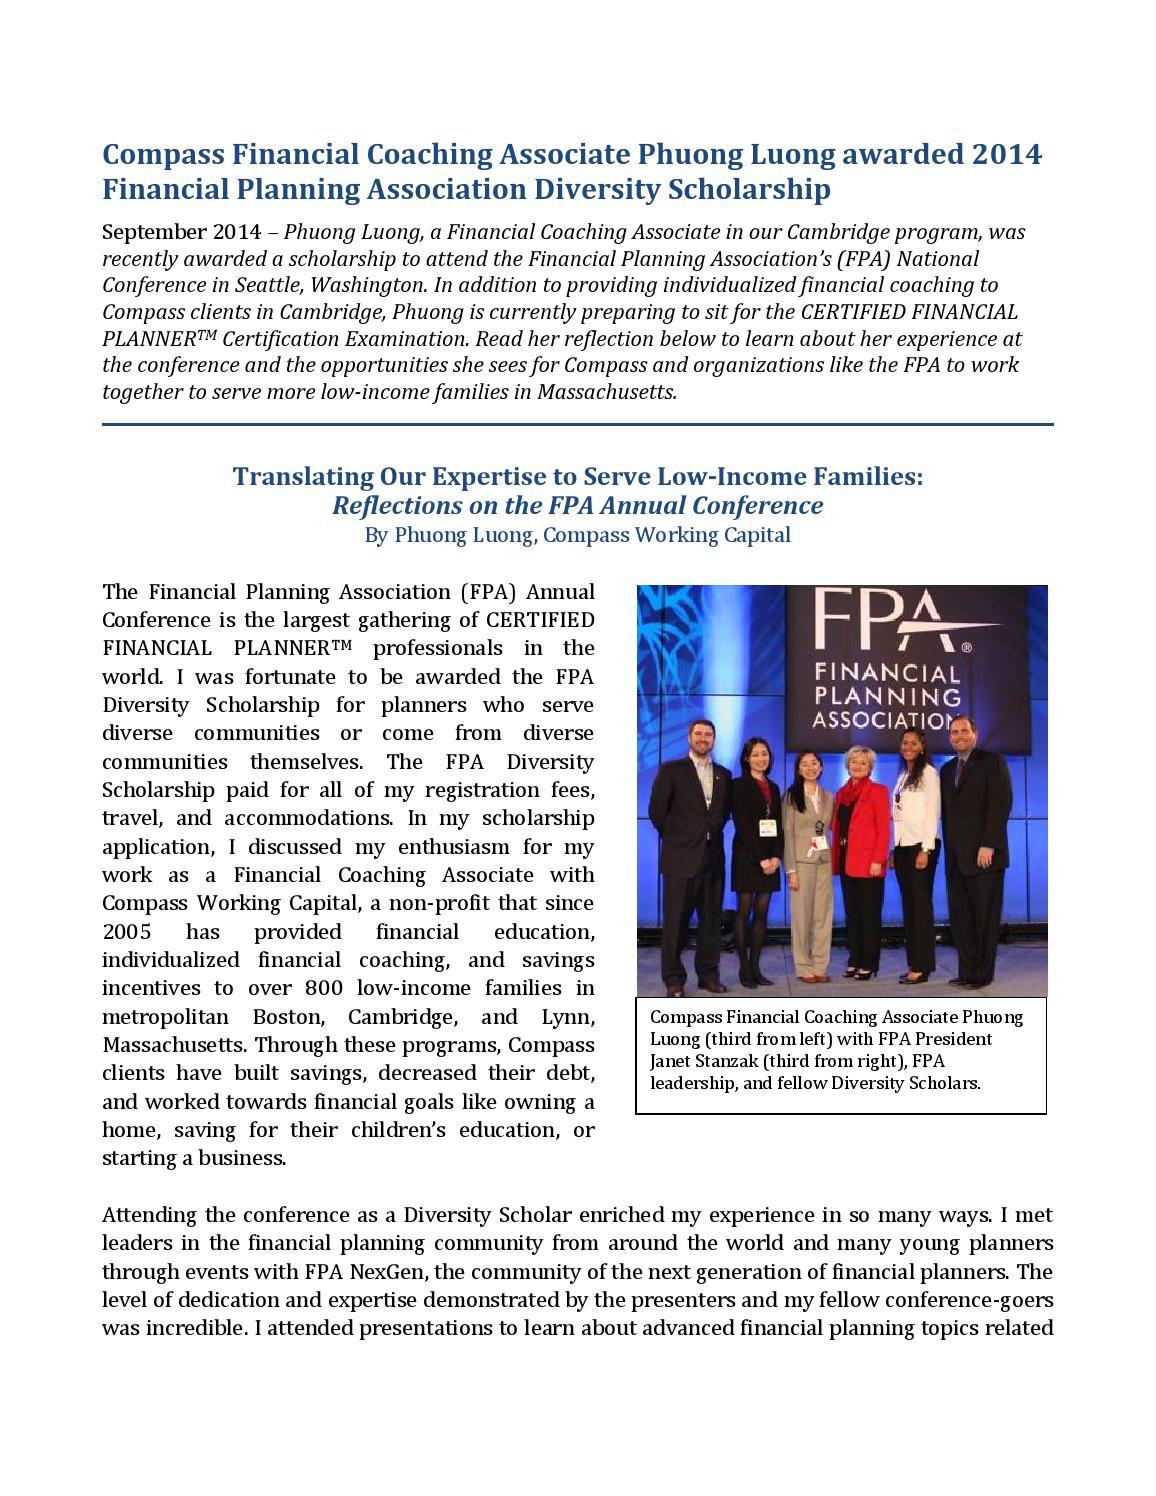 Compass Financial Coaching Associate Phuong Luong Awarded 2014 Fpa